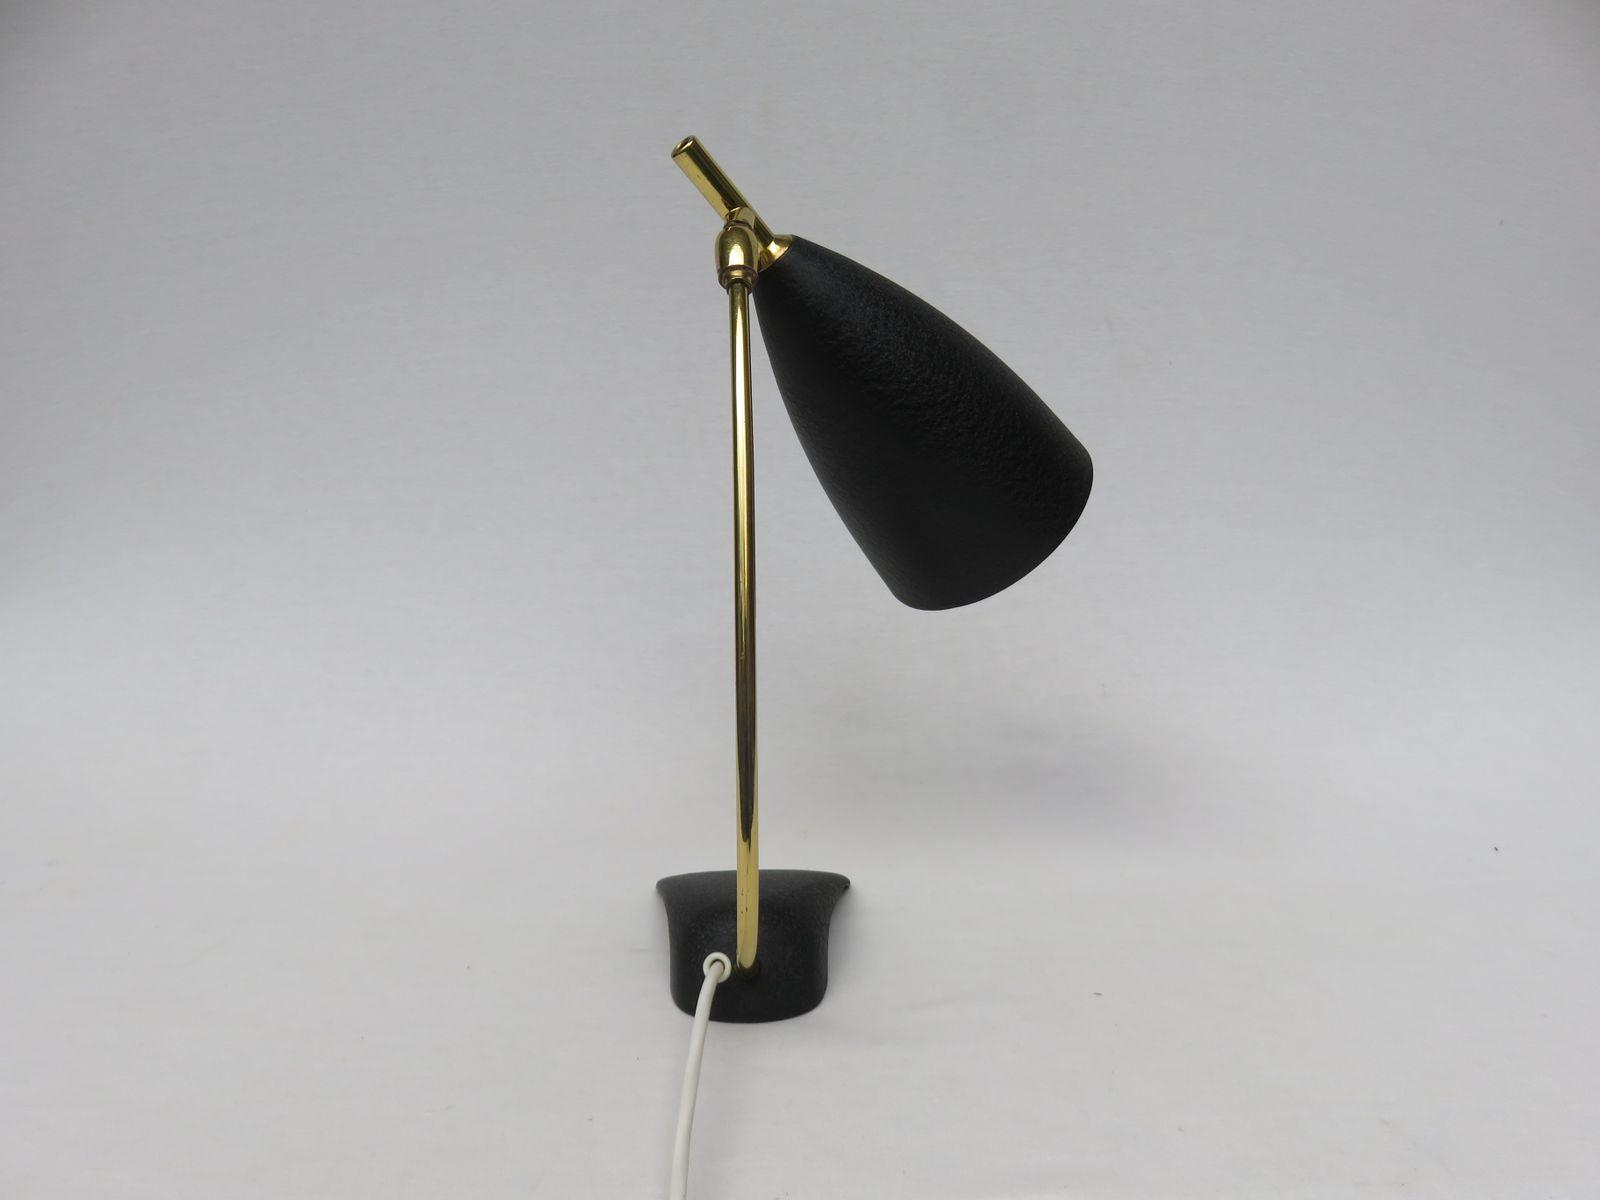 Lampe de bureau noire par louis kalff pour philips s en vente